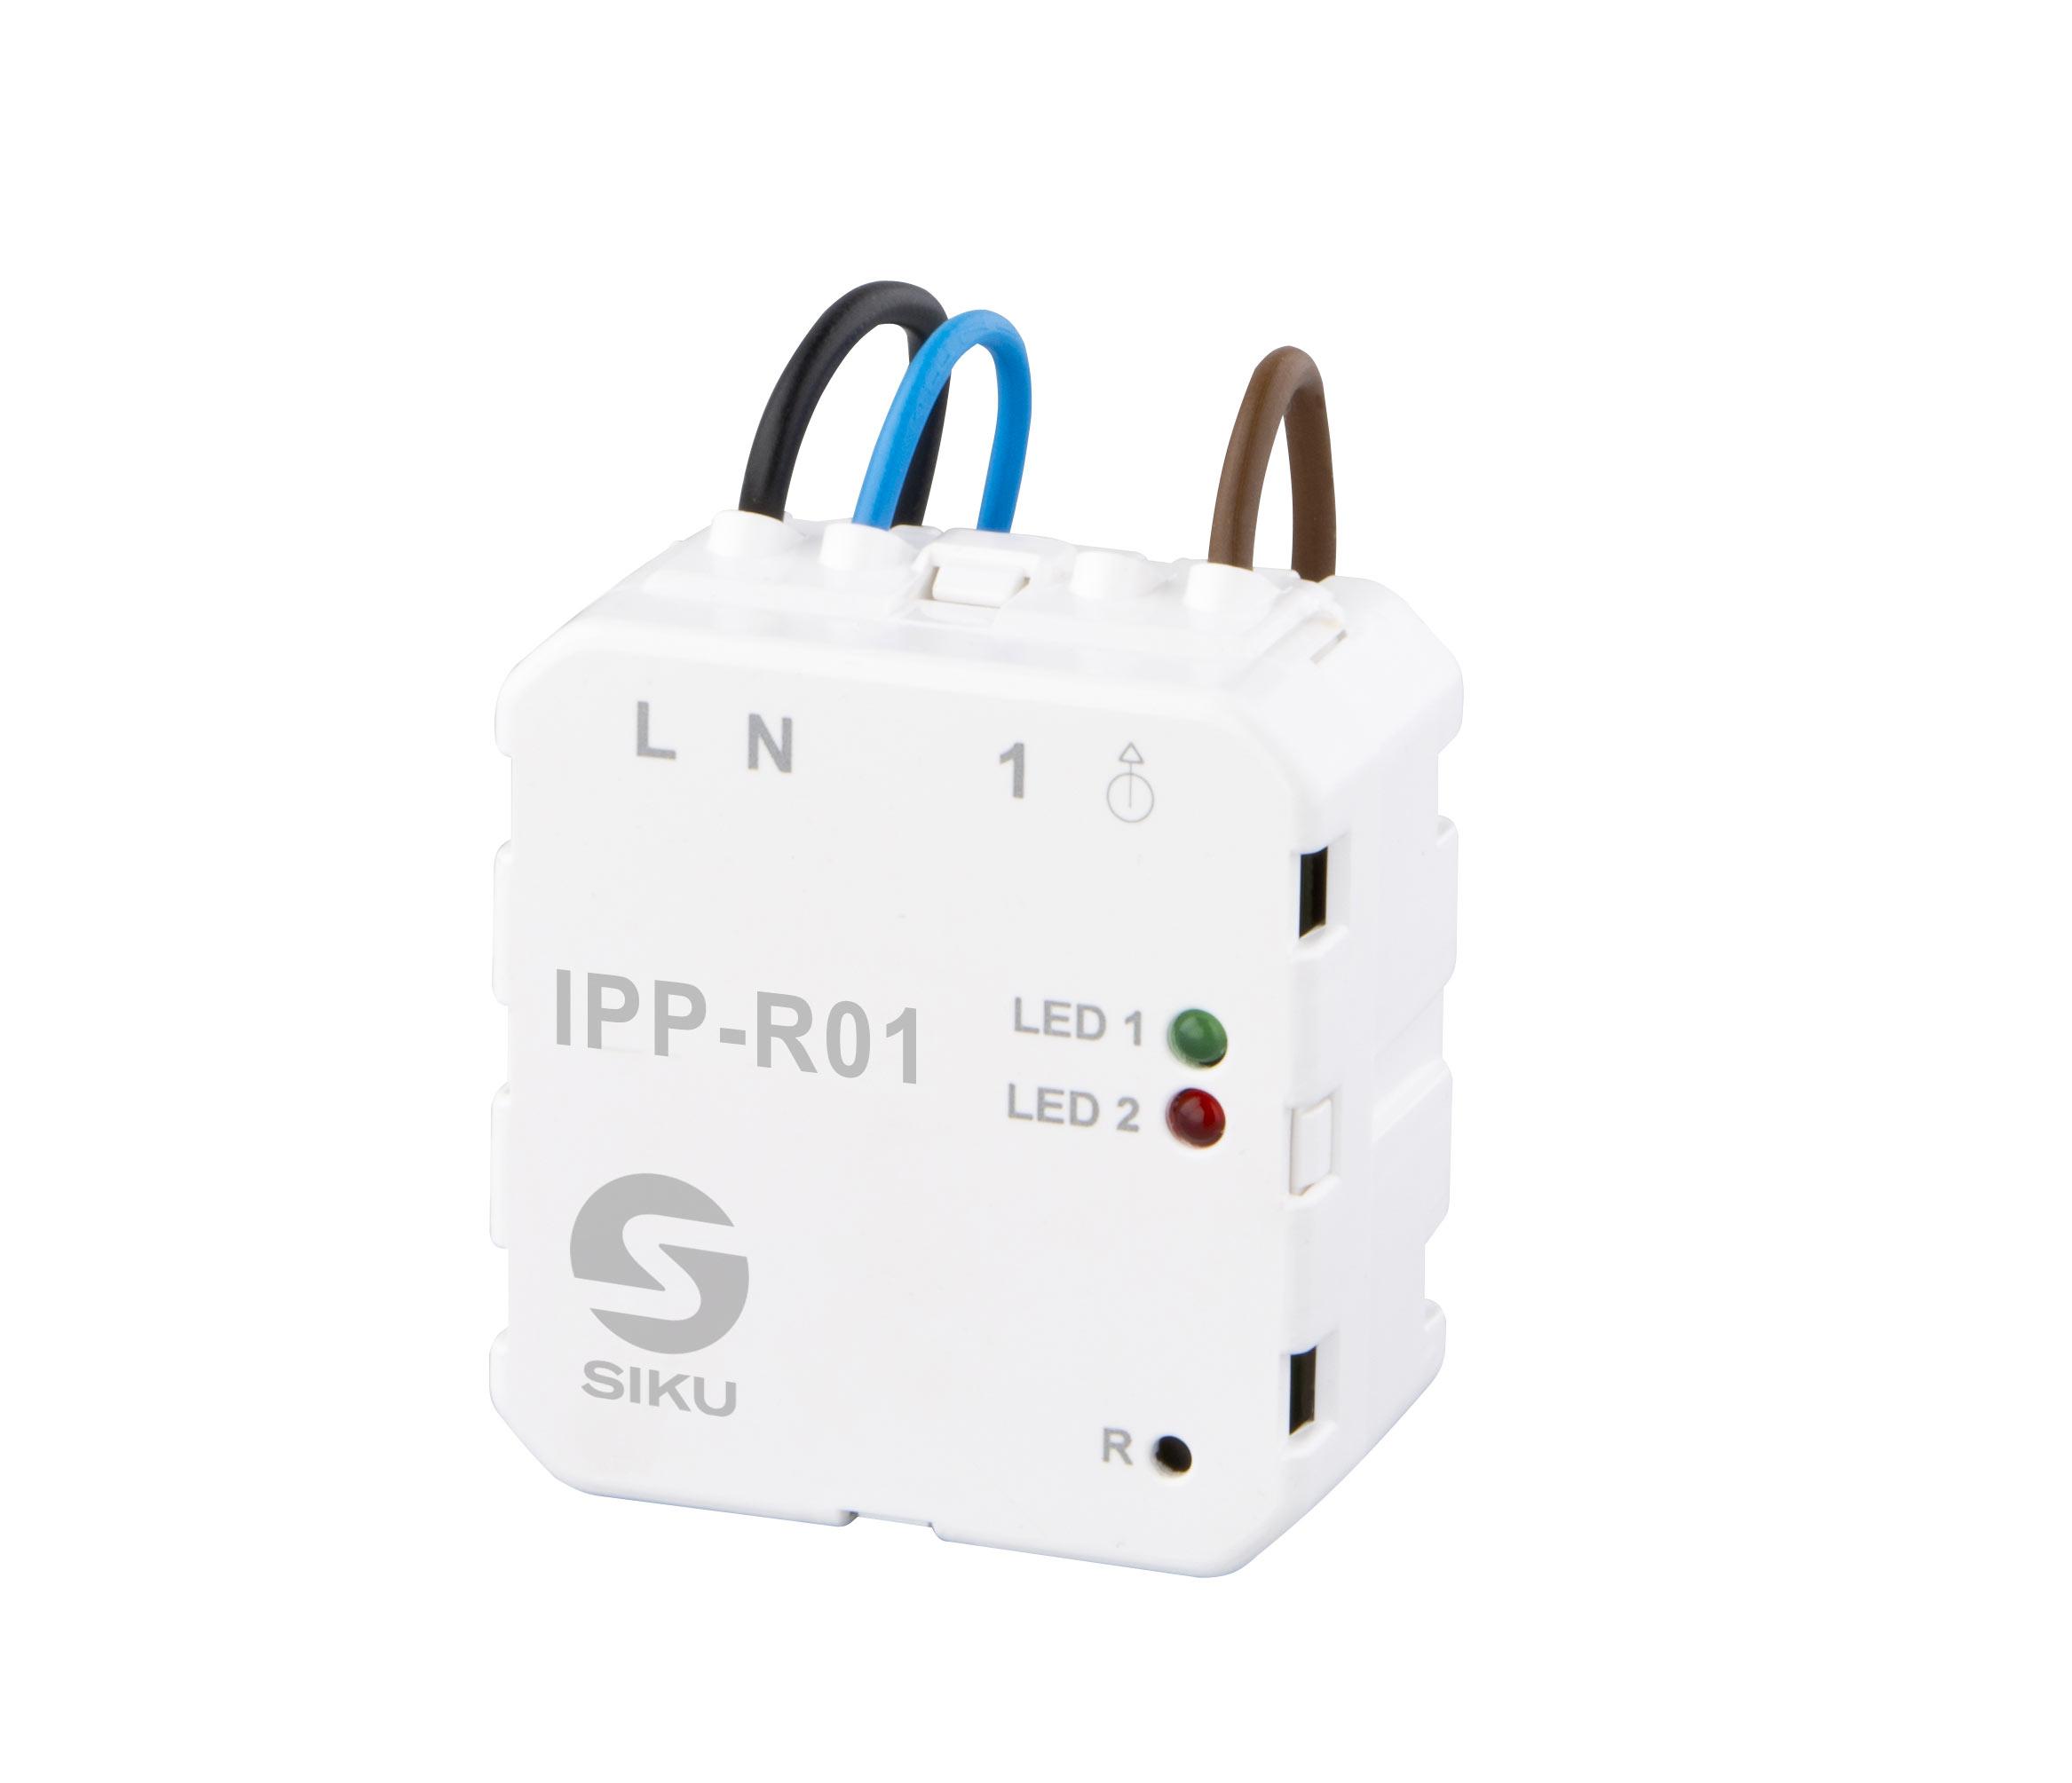 SIKU IPP-R01 drahtlos Empfänger für